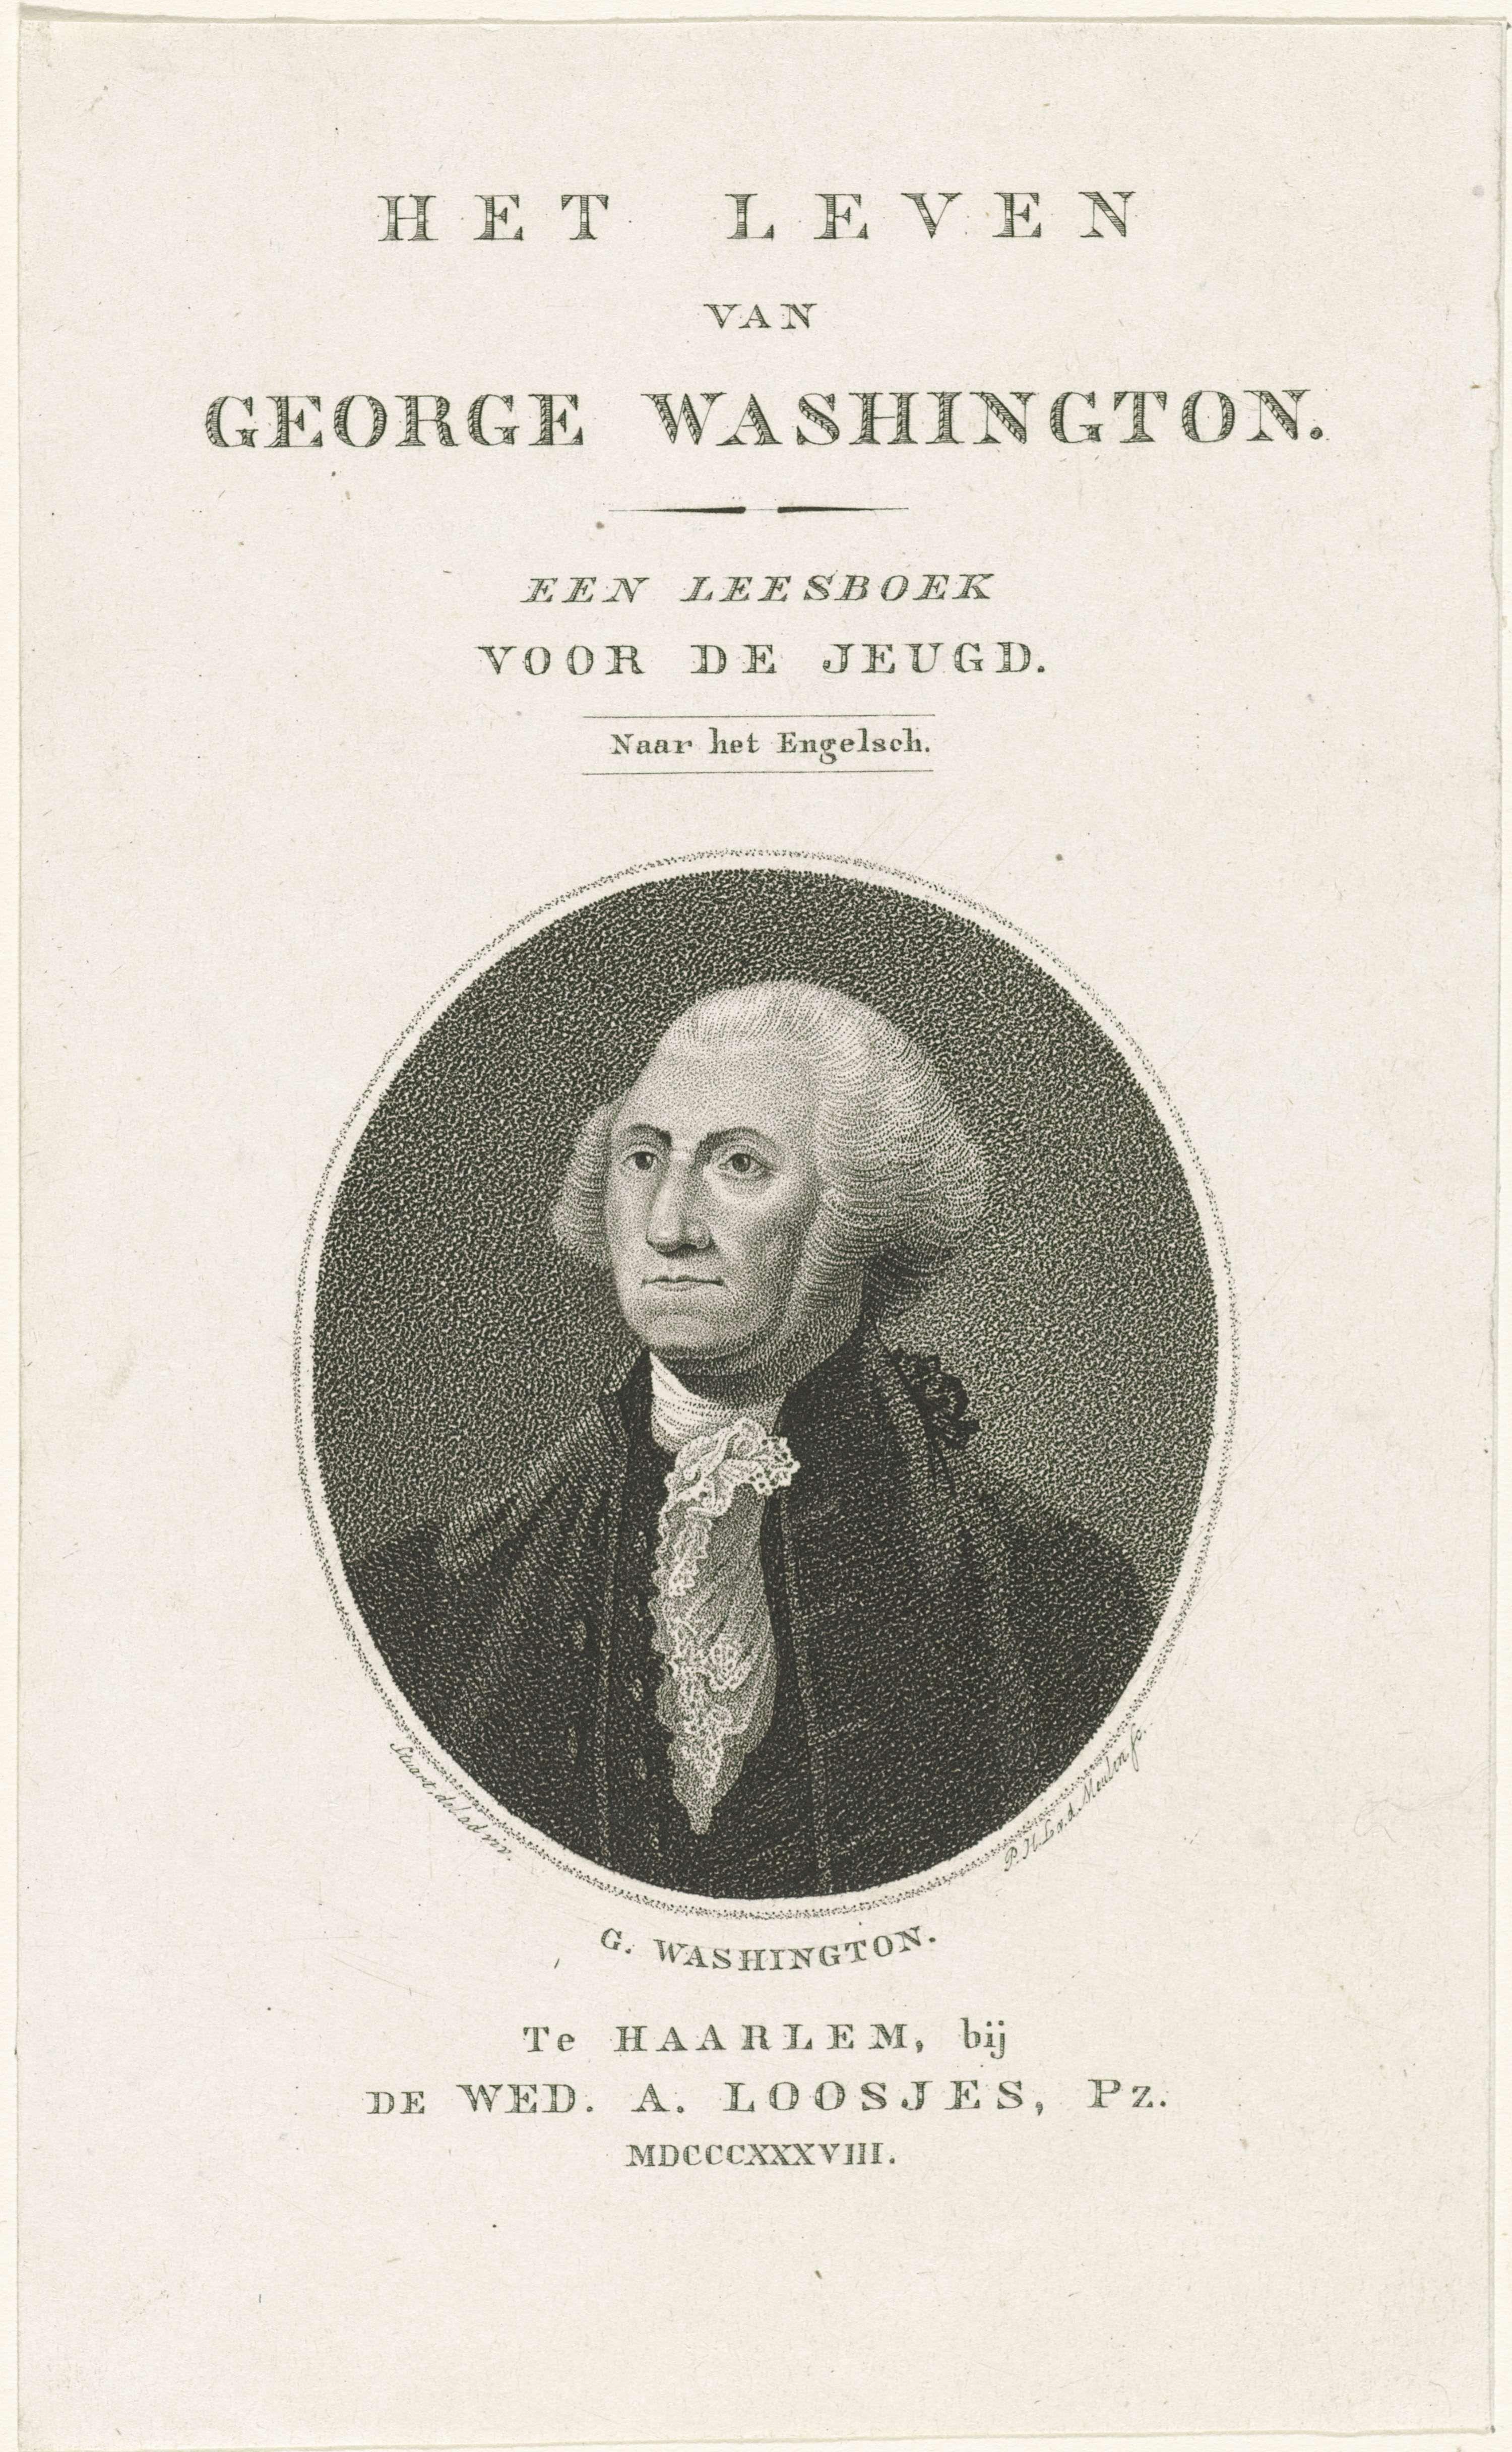 Pieter van der Meulen   Portret van George Washington, Pieter van der Meulen, weduwe Adriaan Loosjes Pz., 1838   Portret van George Washington, eerste president van de Verenigde Staten.